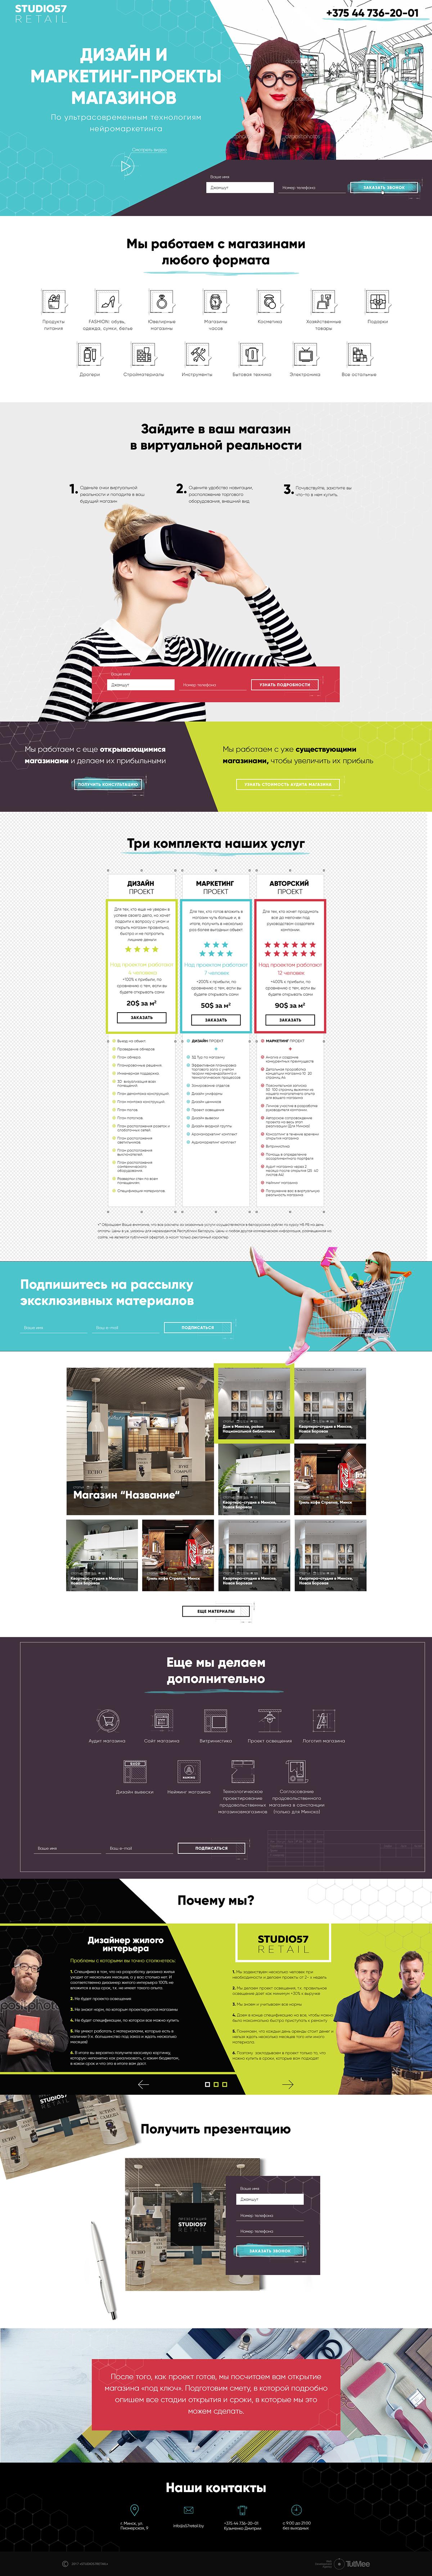 LANDING PAGE STUDIO57 - Дизайн и маркетинг-проекты магазинов